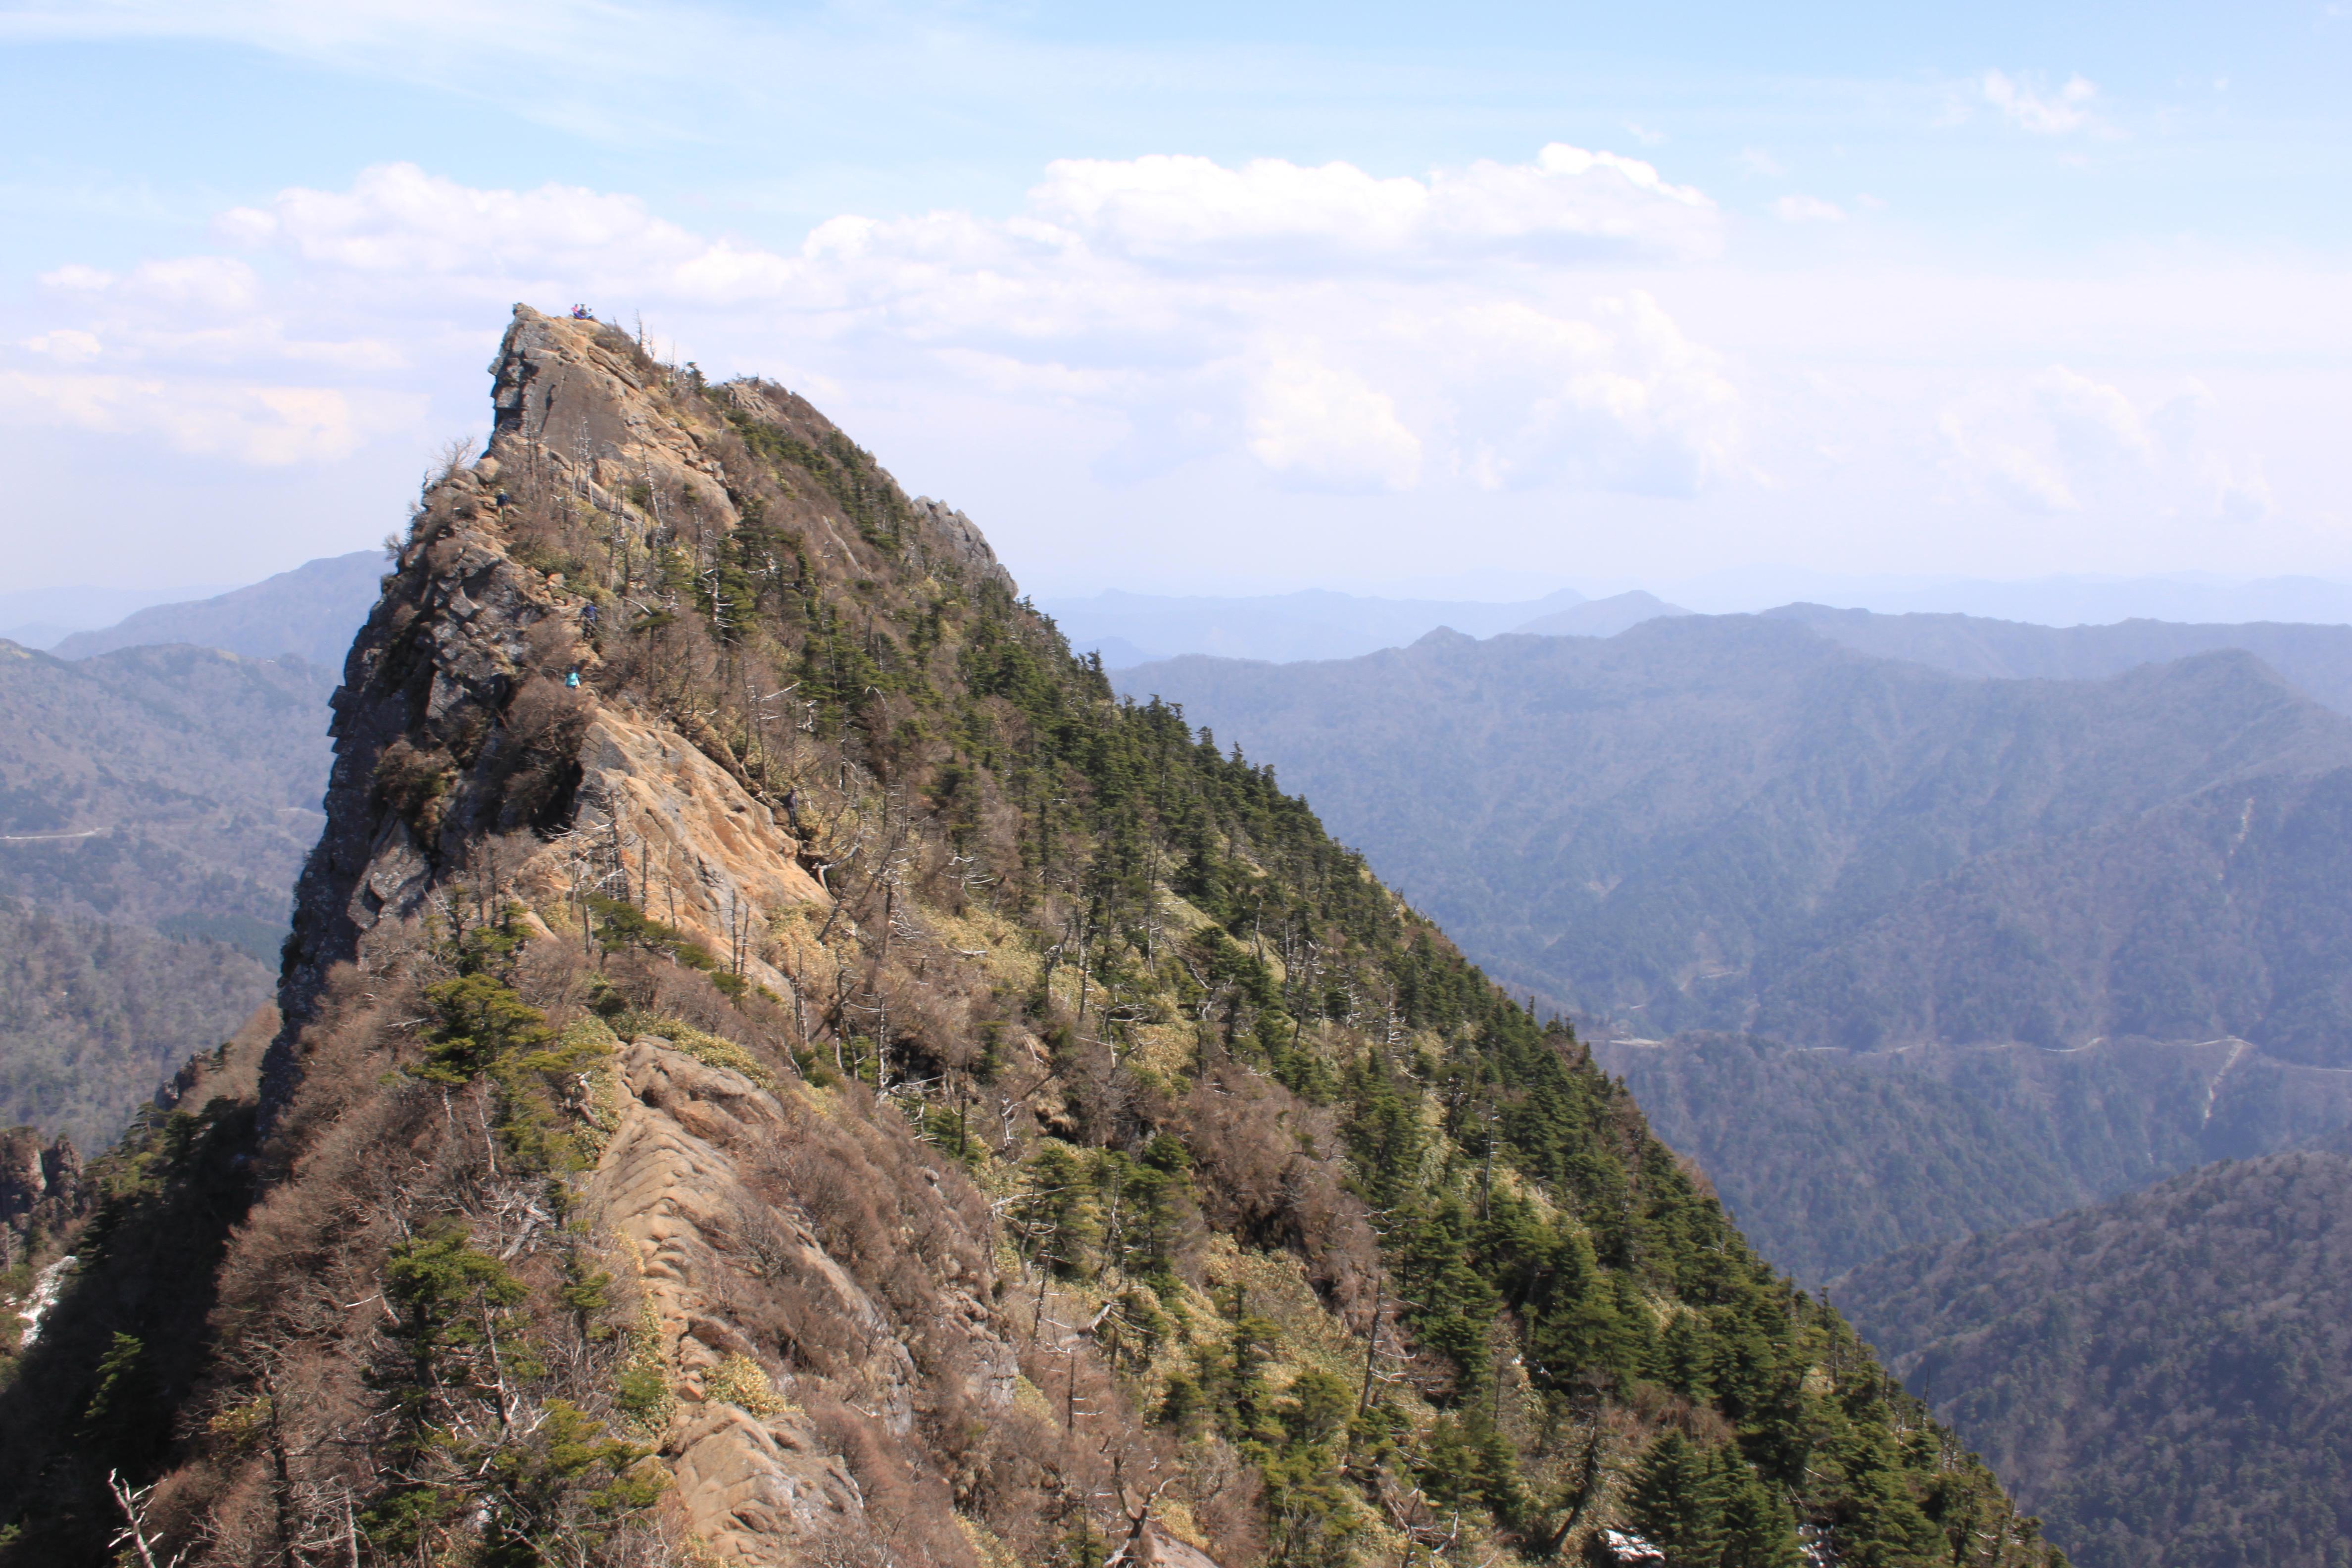 西日本最高峰!愛媛を見守る霊峰「石鎚山」(いしづちさん)に行ってきました!